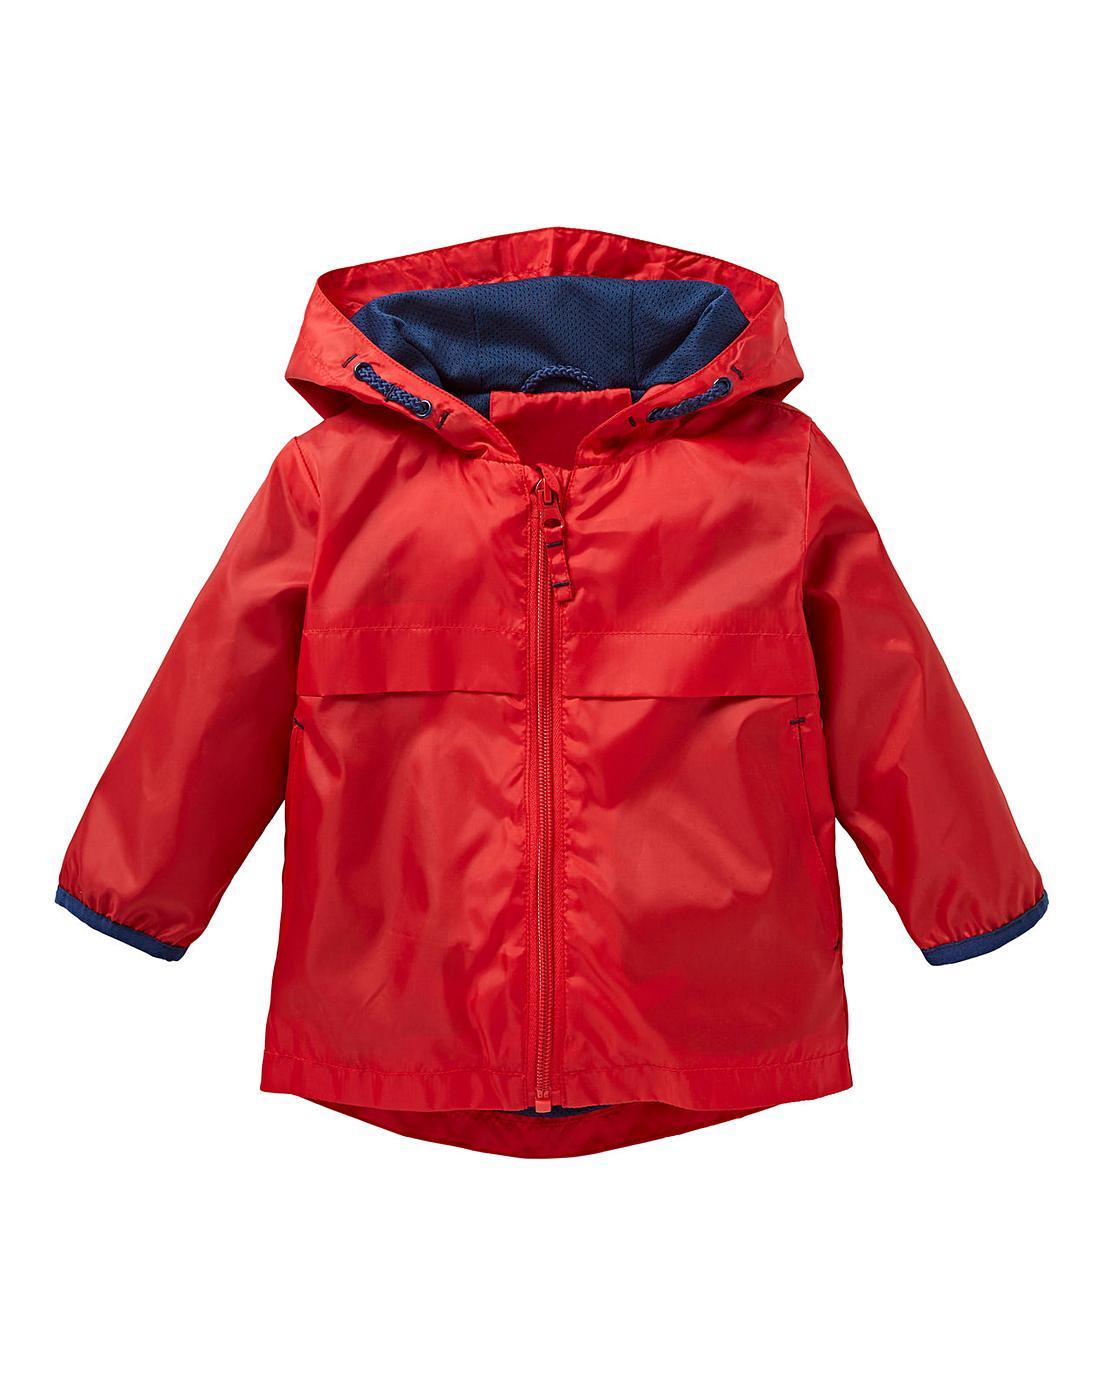 KD Baby Coat